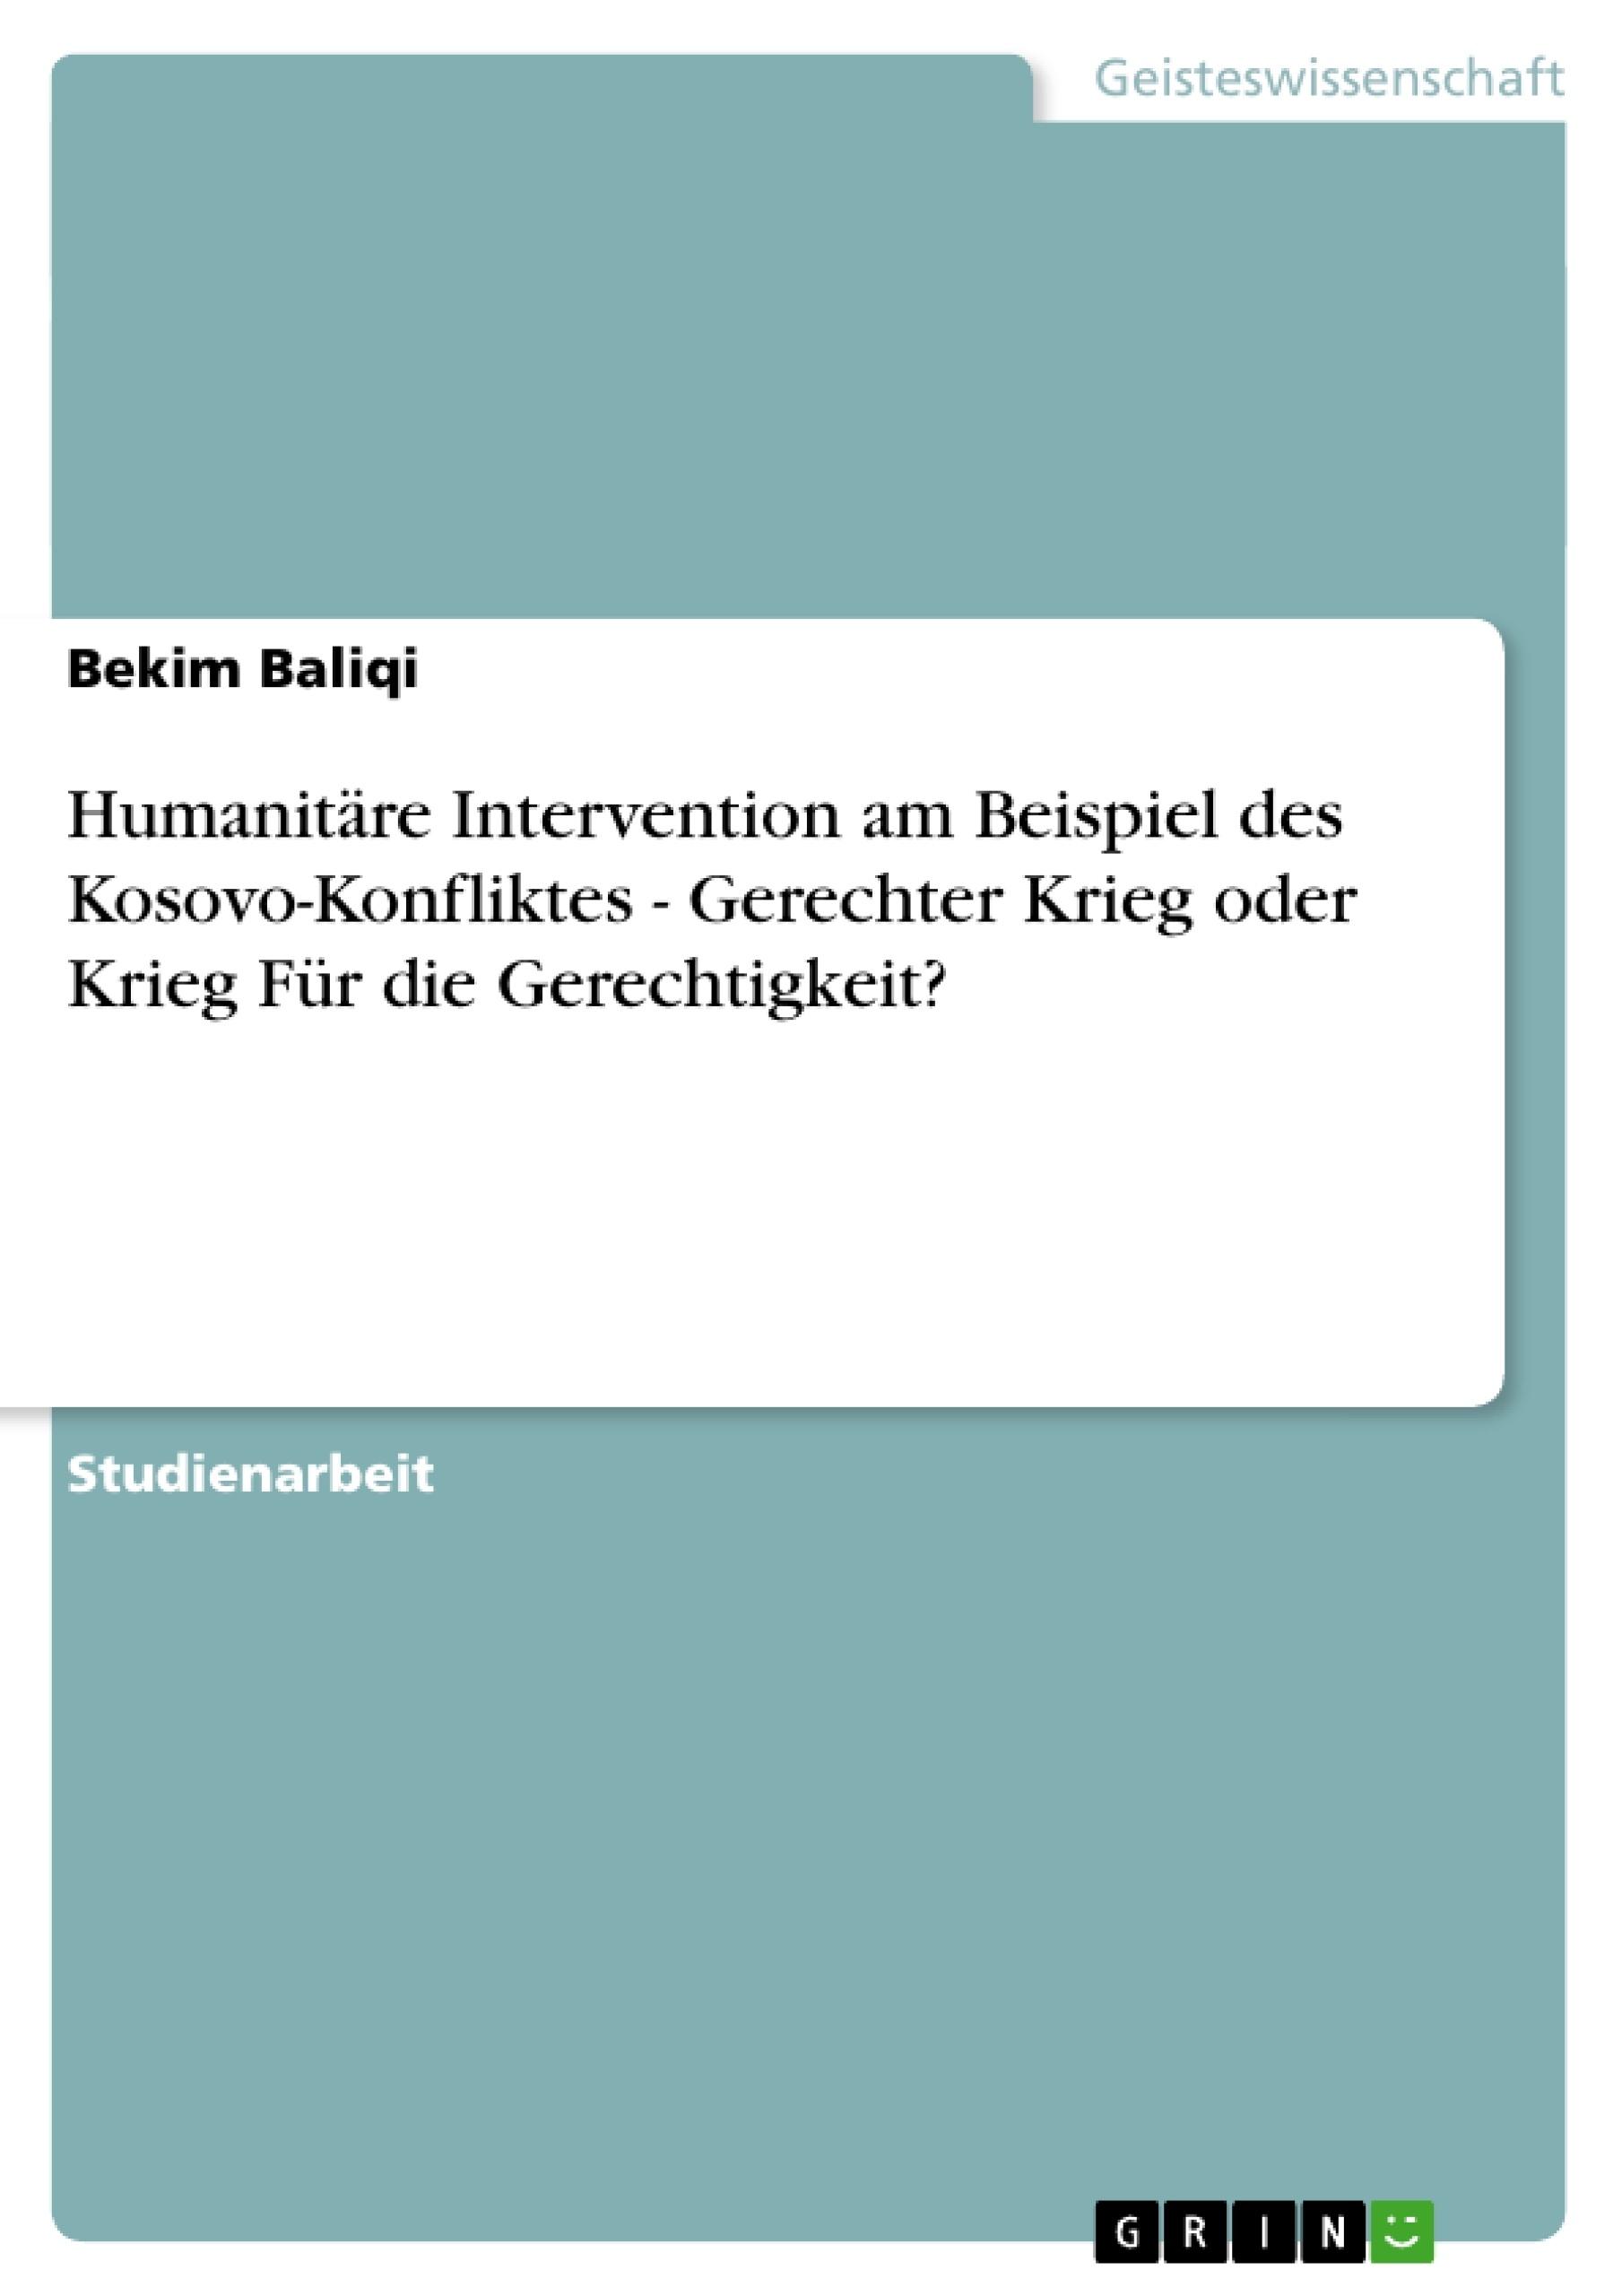 Titel: Humanitäre Intervention am Beispiel des Kosovo-Konfliktes - Gerechter Krieg oder Krieg Für die Gerechtigkeit?